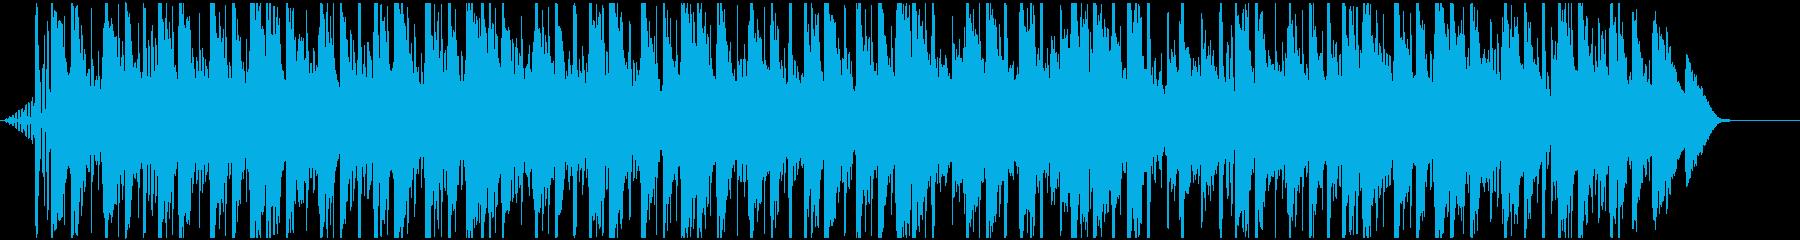 木琴と環境音のチルホップの再生済みの波形